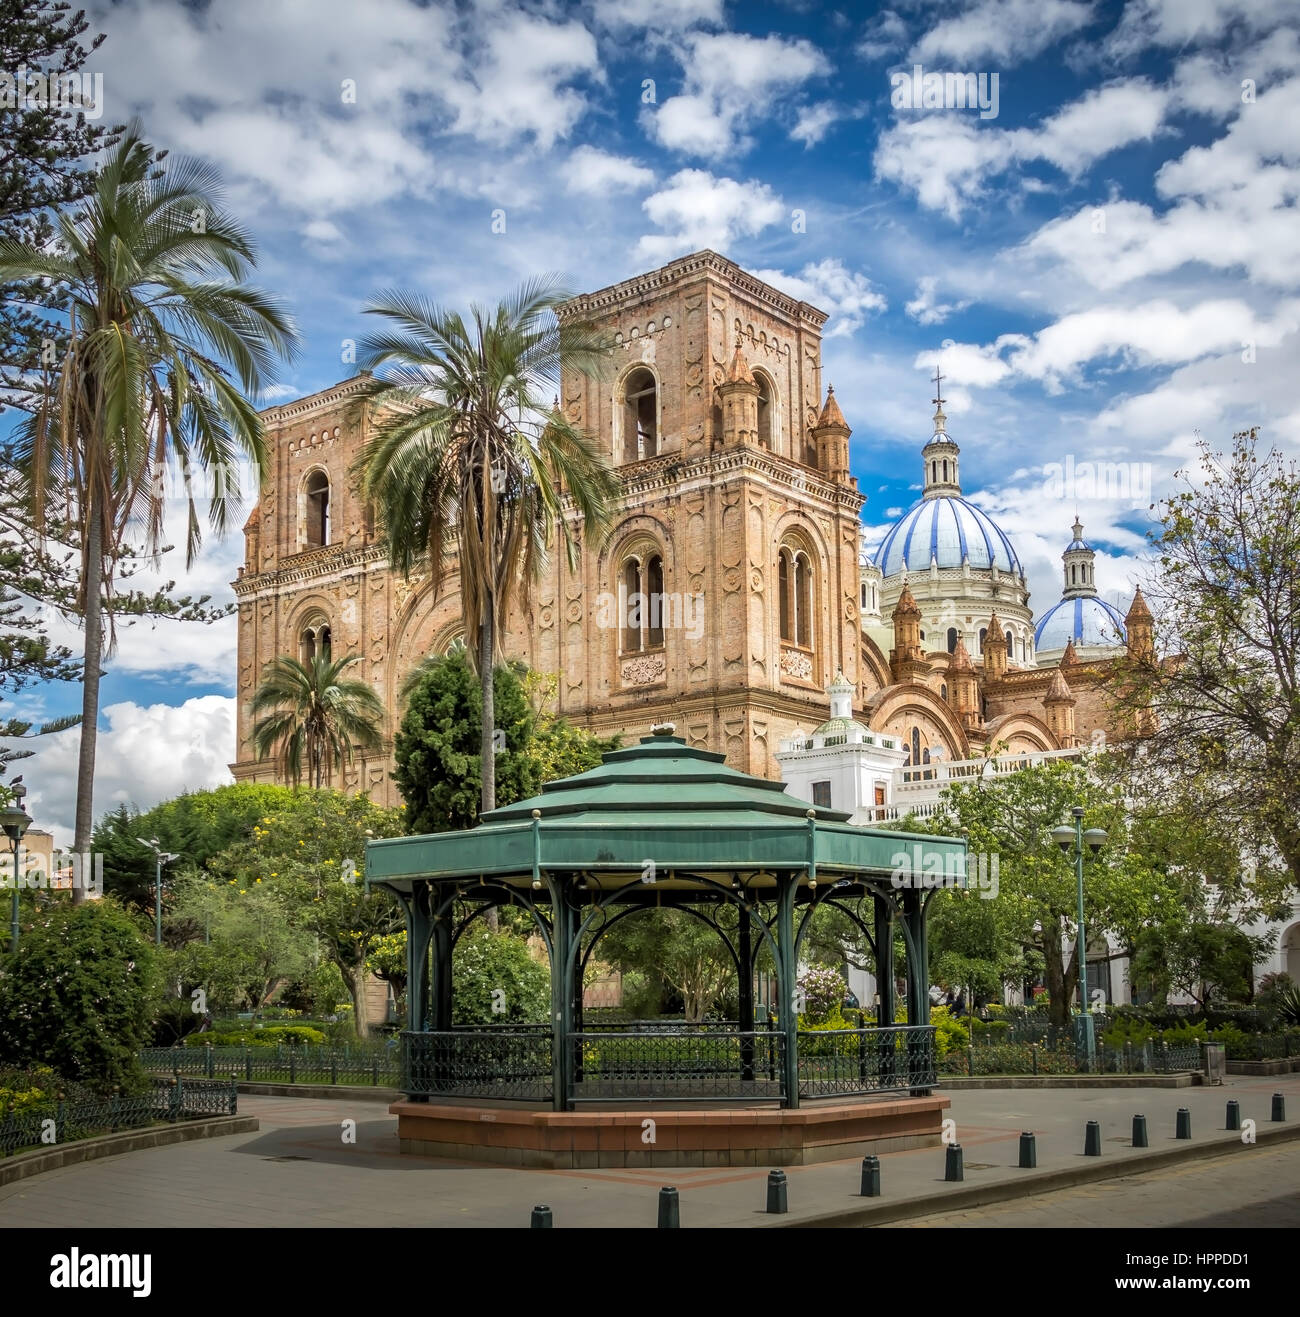 Parque Calderón y la Catedral de la Inmaculada concepcion - Cuenca, Ecuador Imagen De Stock